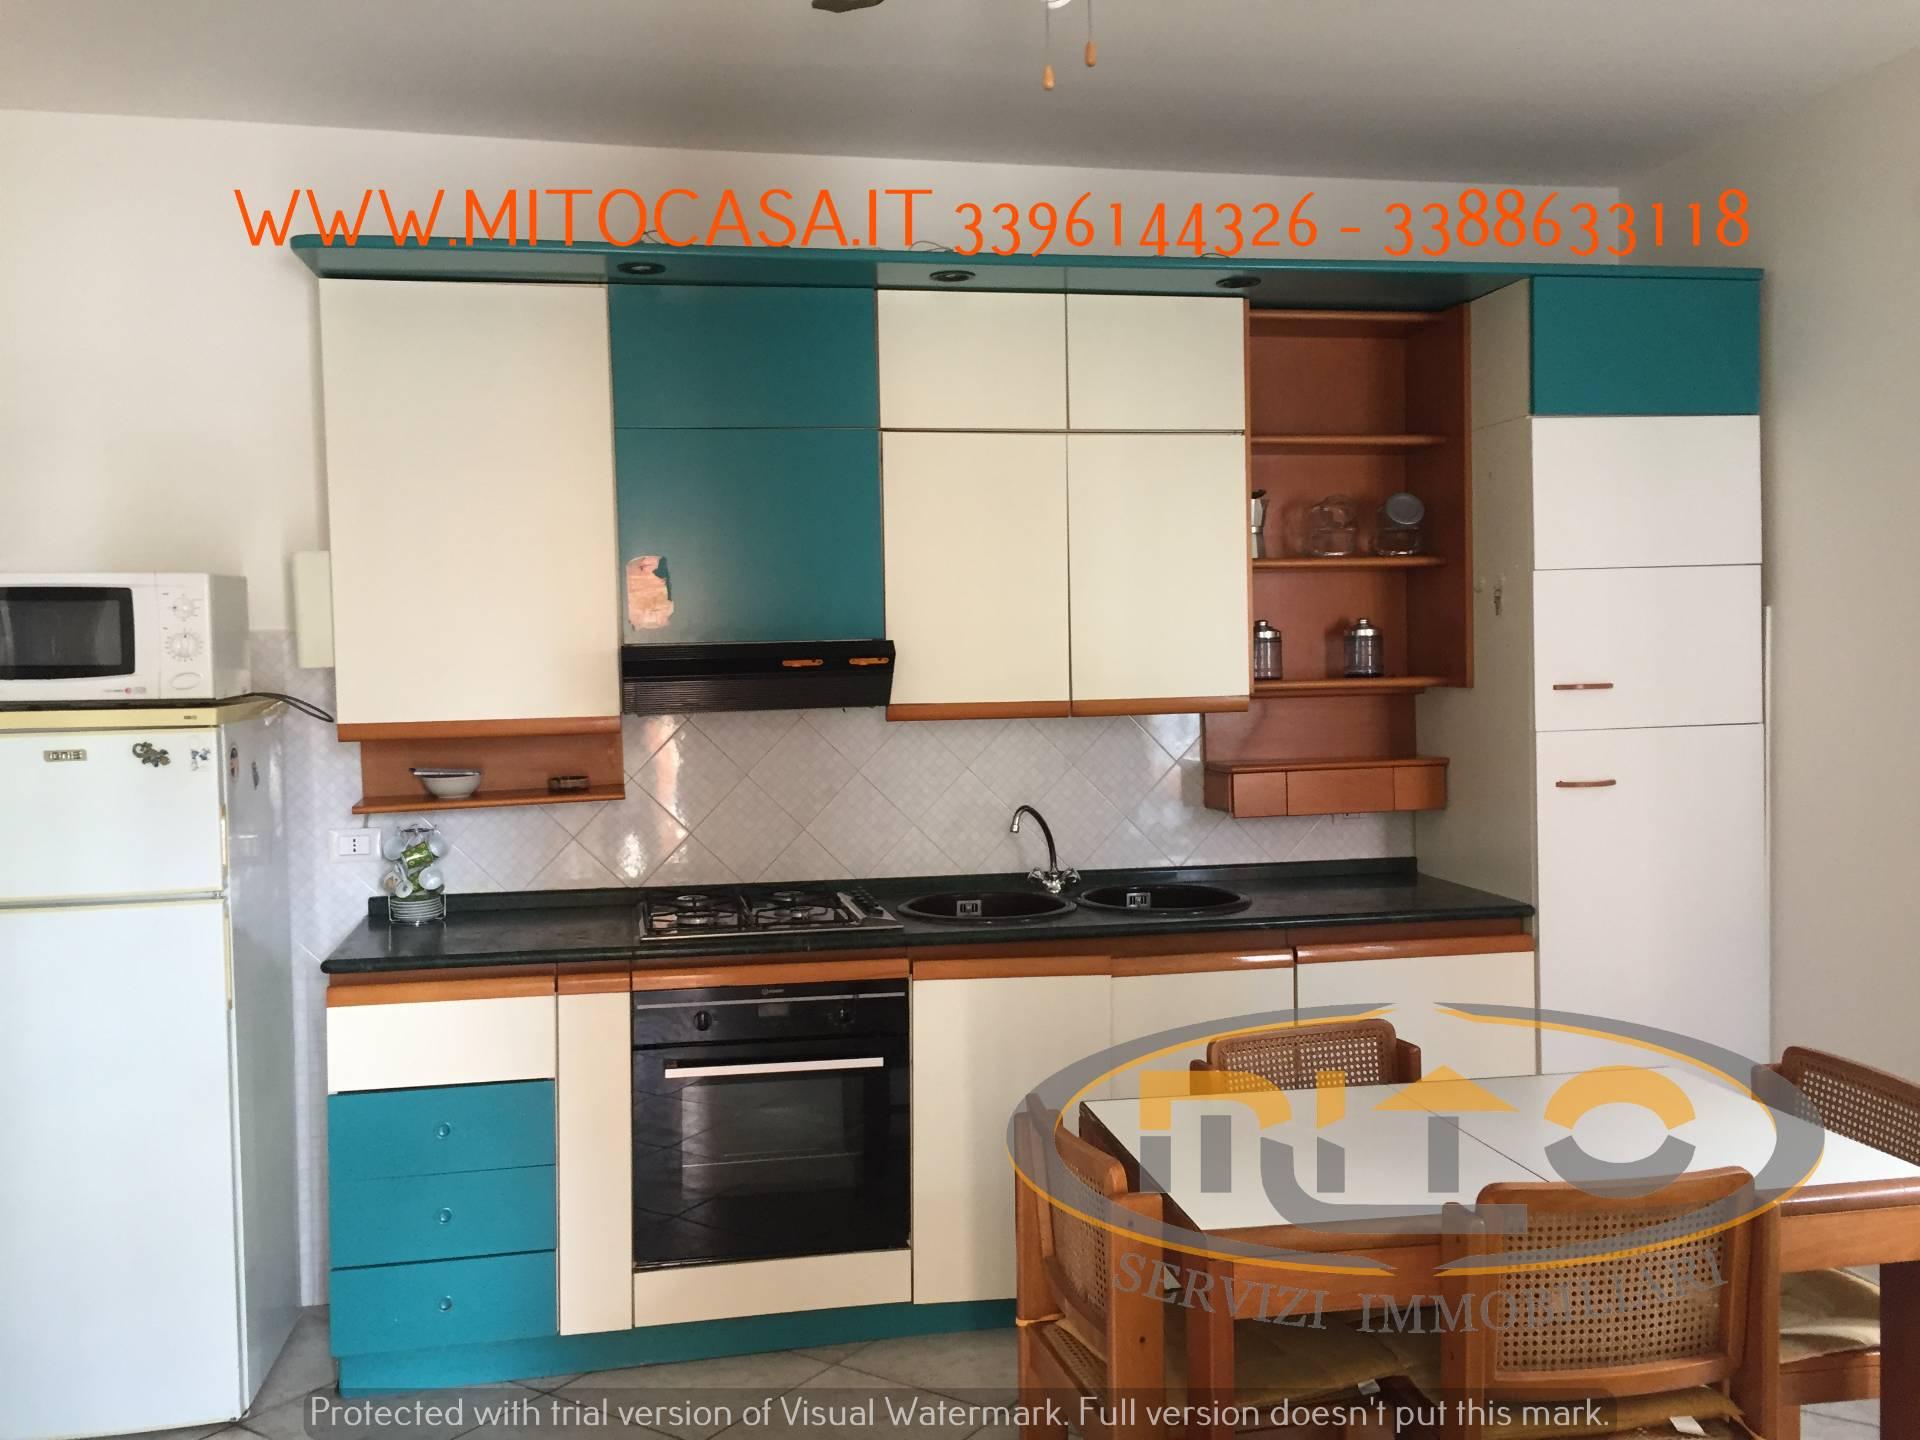 Appartamento in vendita a Telese Terme, 4 locali, prezzo € 85.000 | CambioCasa.it